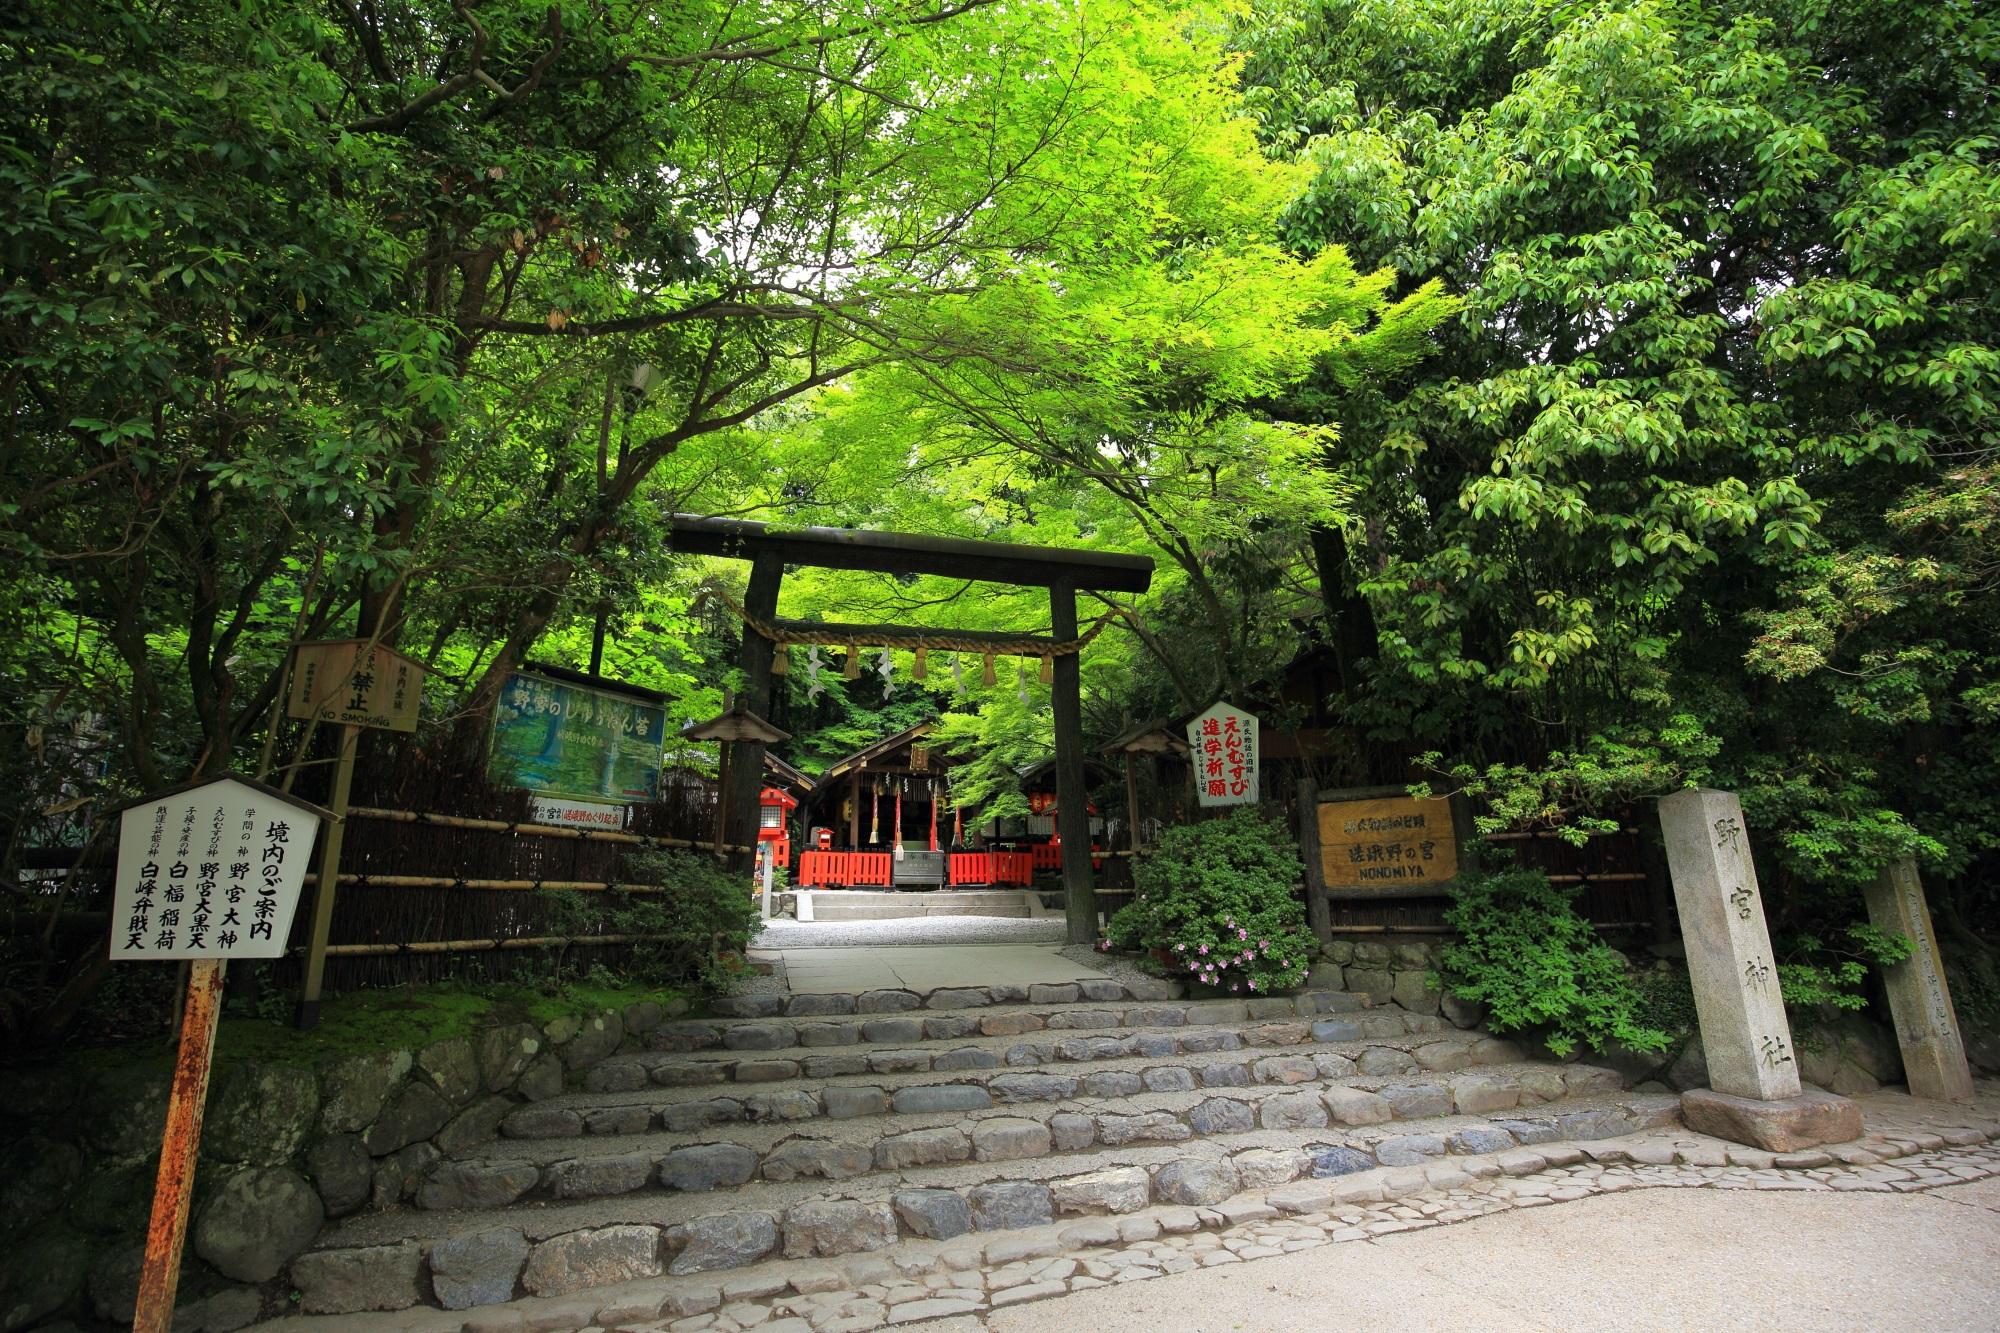 縁結びで有名な野宮神社(ののみやじんじゃ)